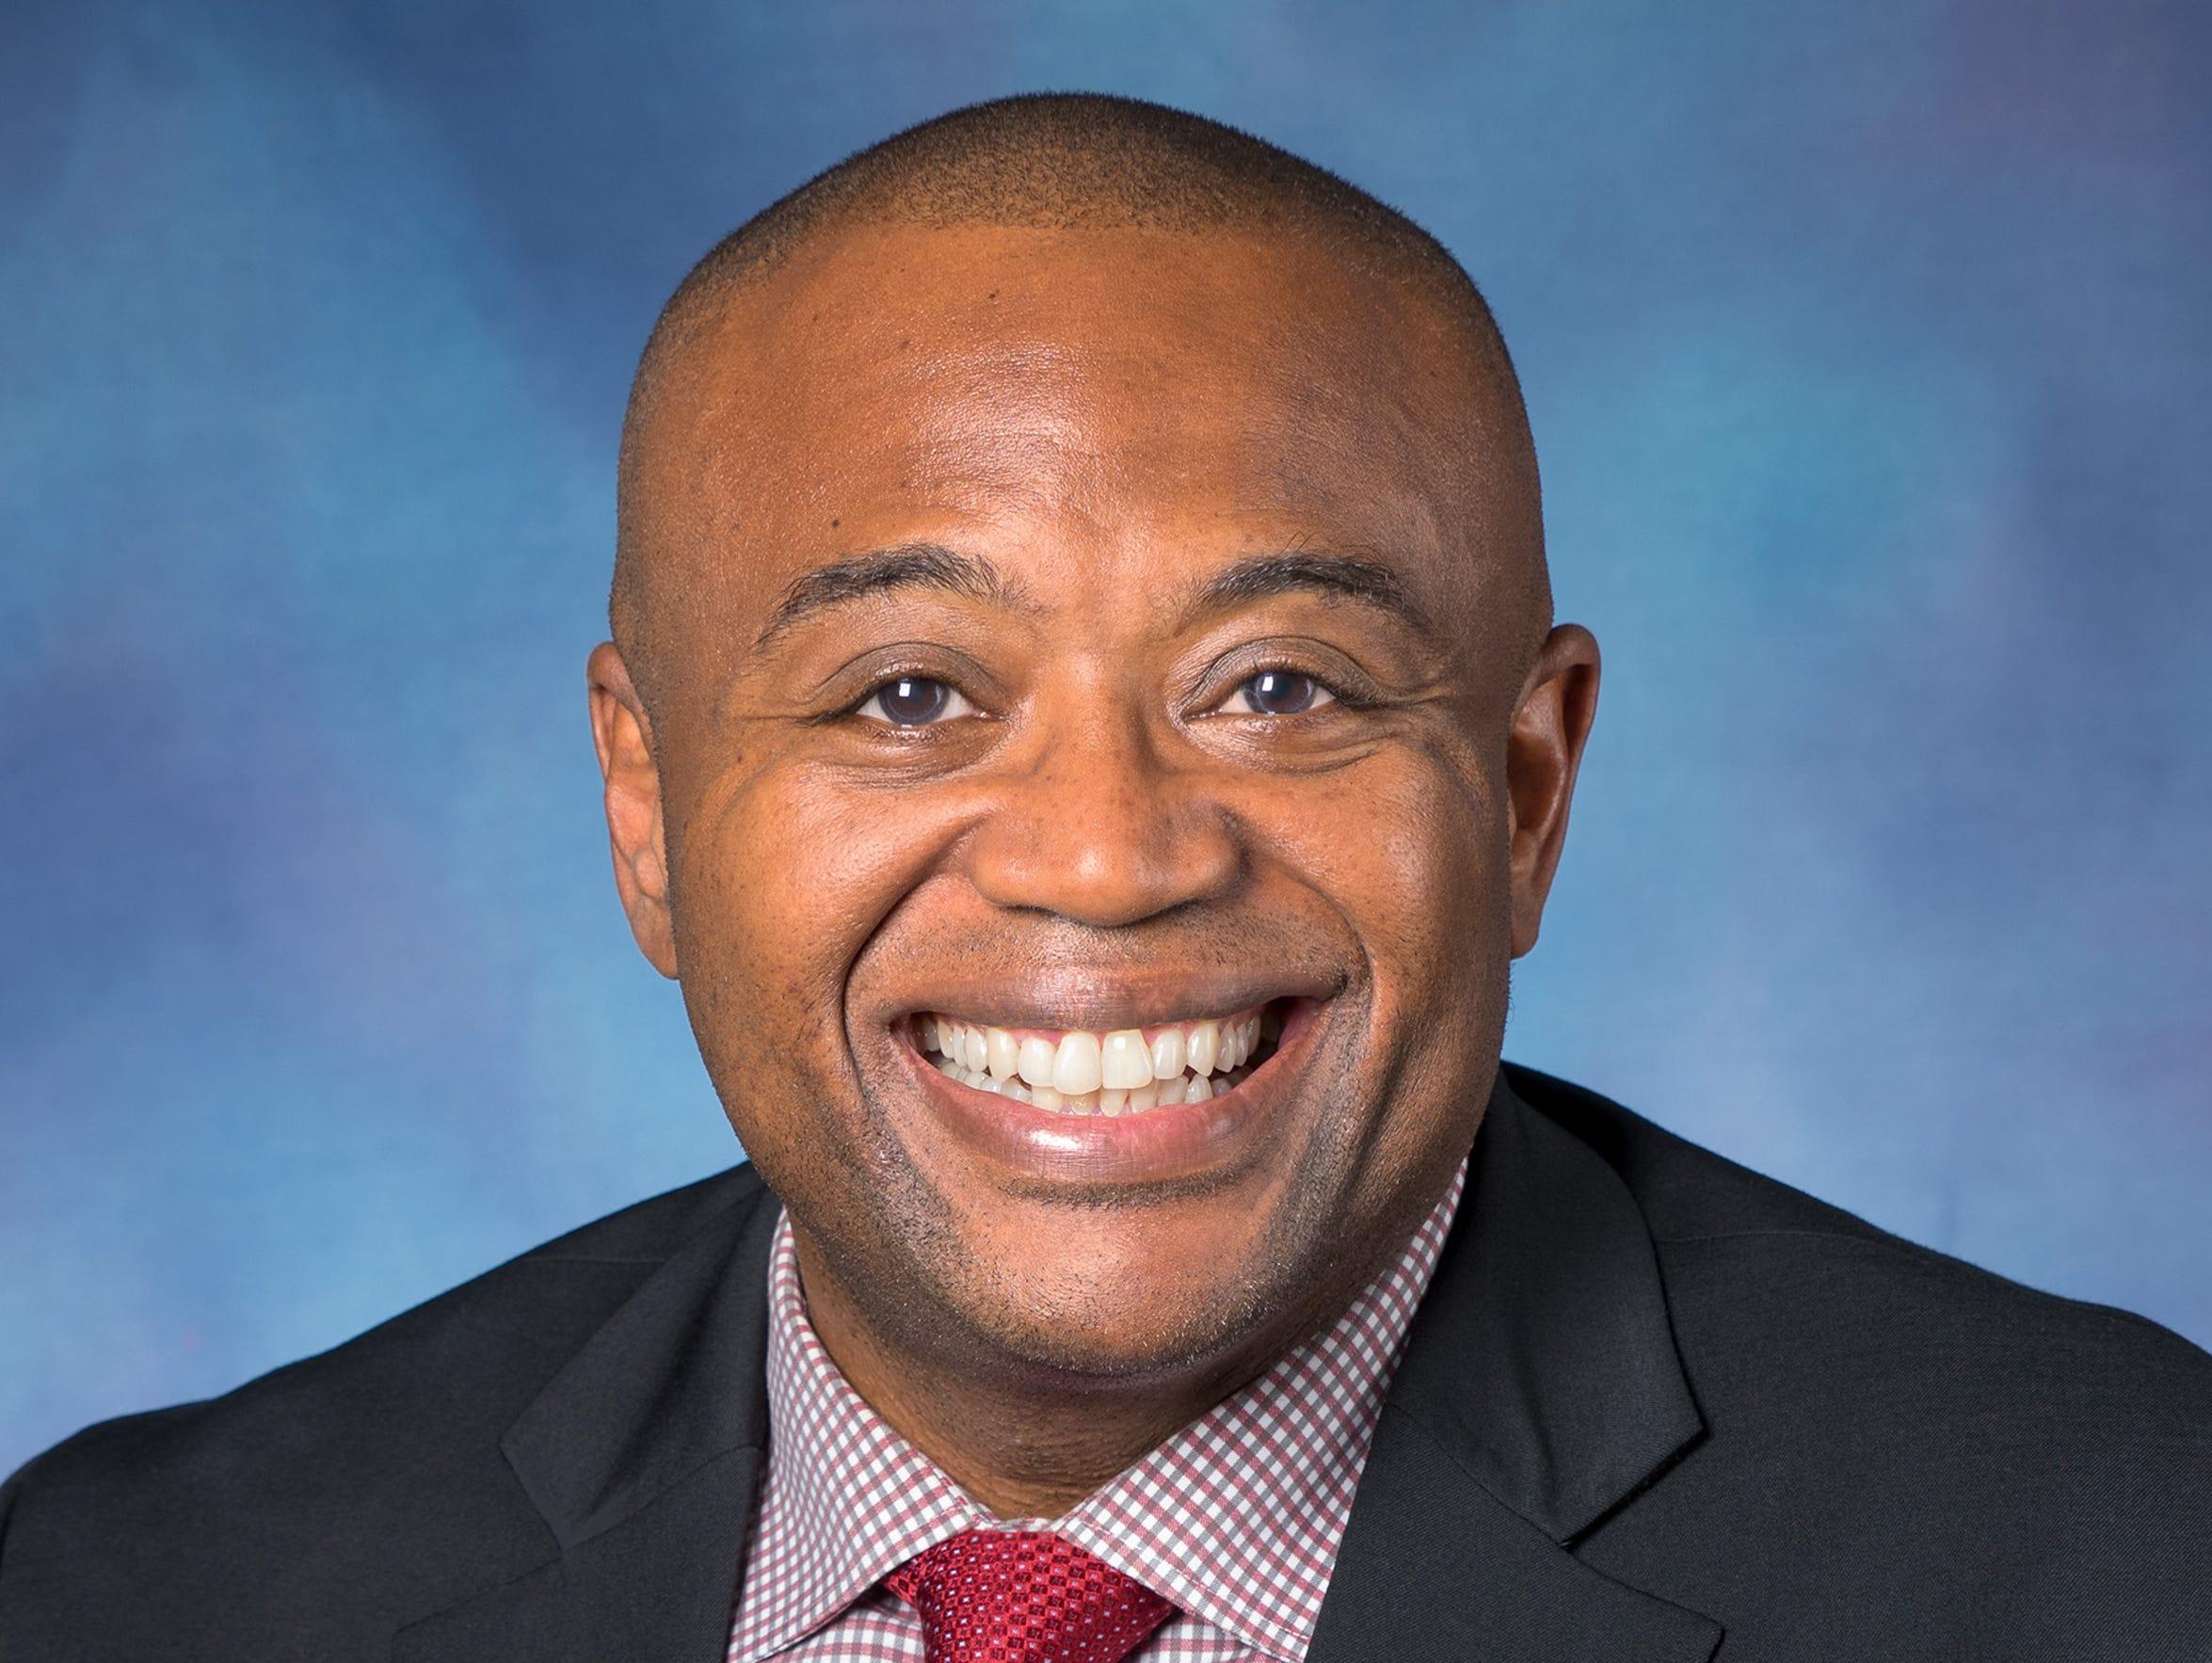 Anthony Williams, Abilene mayor